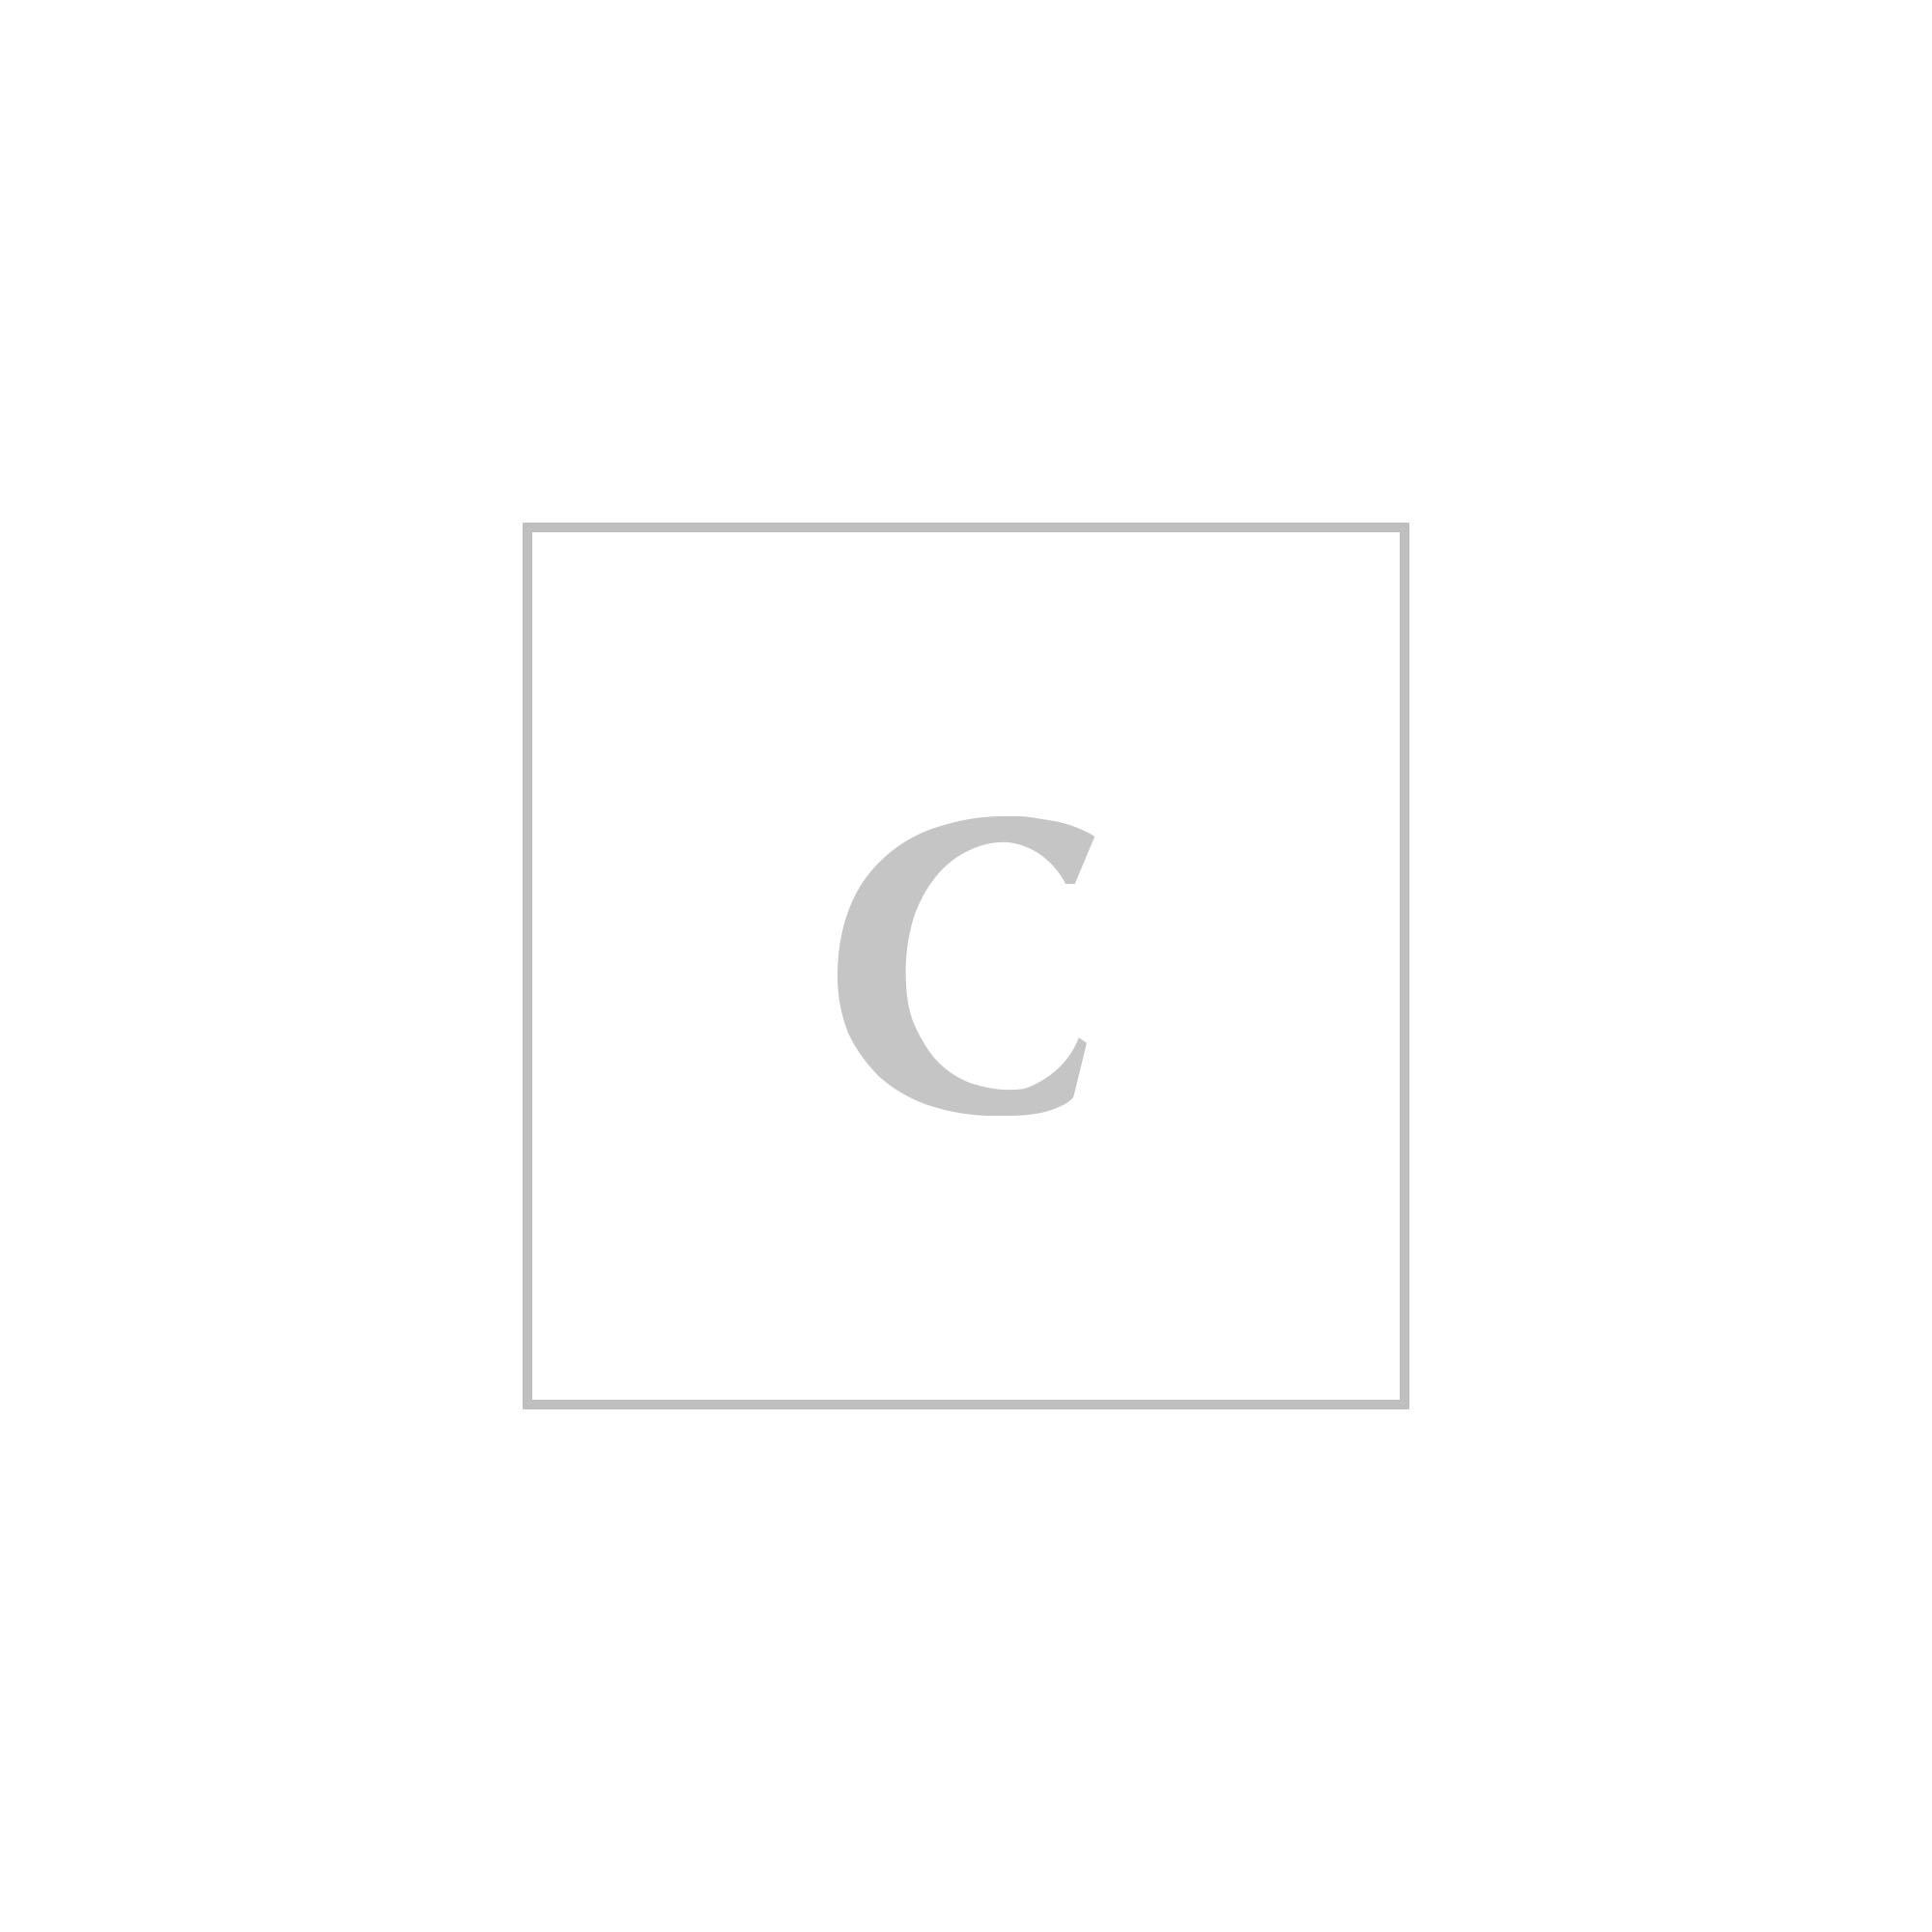 Saint laurent ysl portafoglio monogram